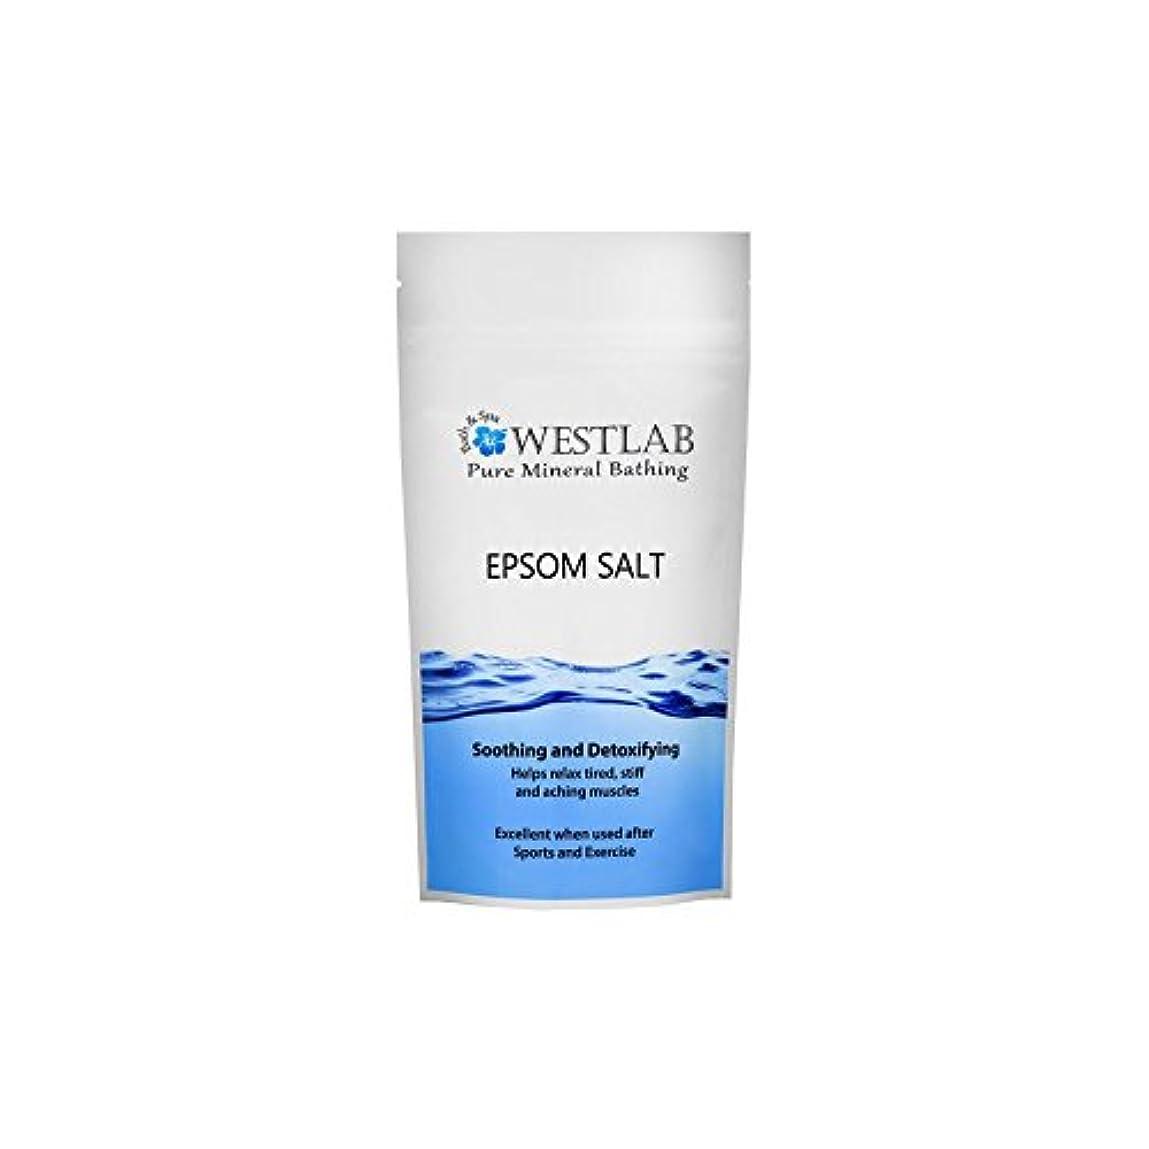 発明するグレートオークスピンWestlab Epsom Salt 2kg - エプソム塩の2キロ [並行輸入品]